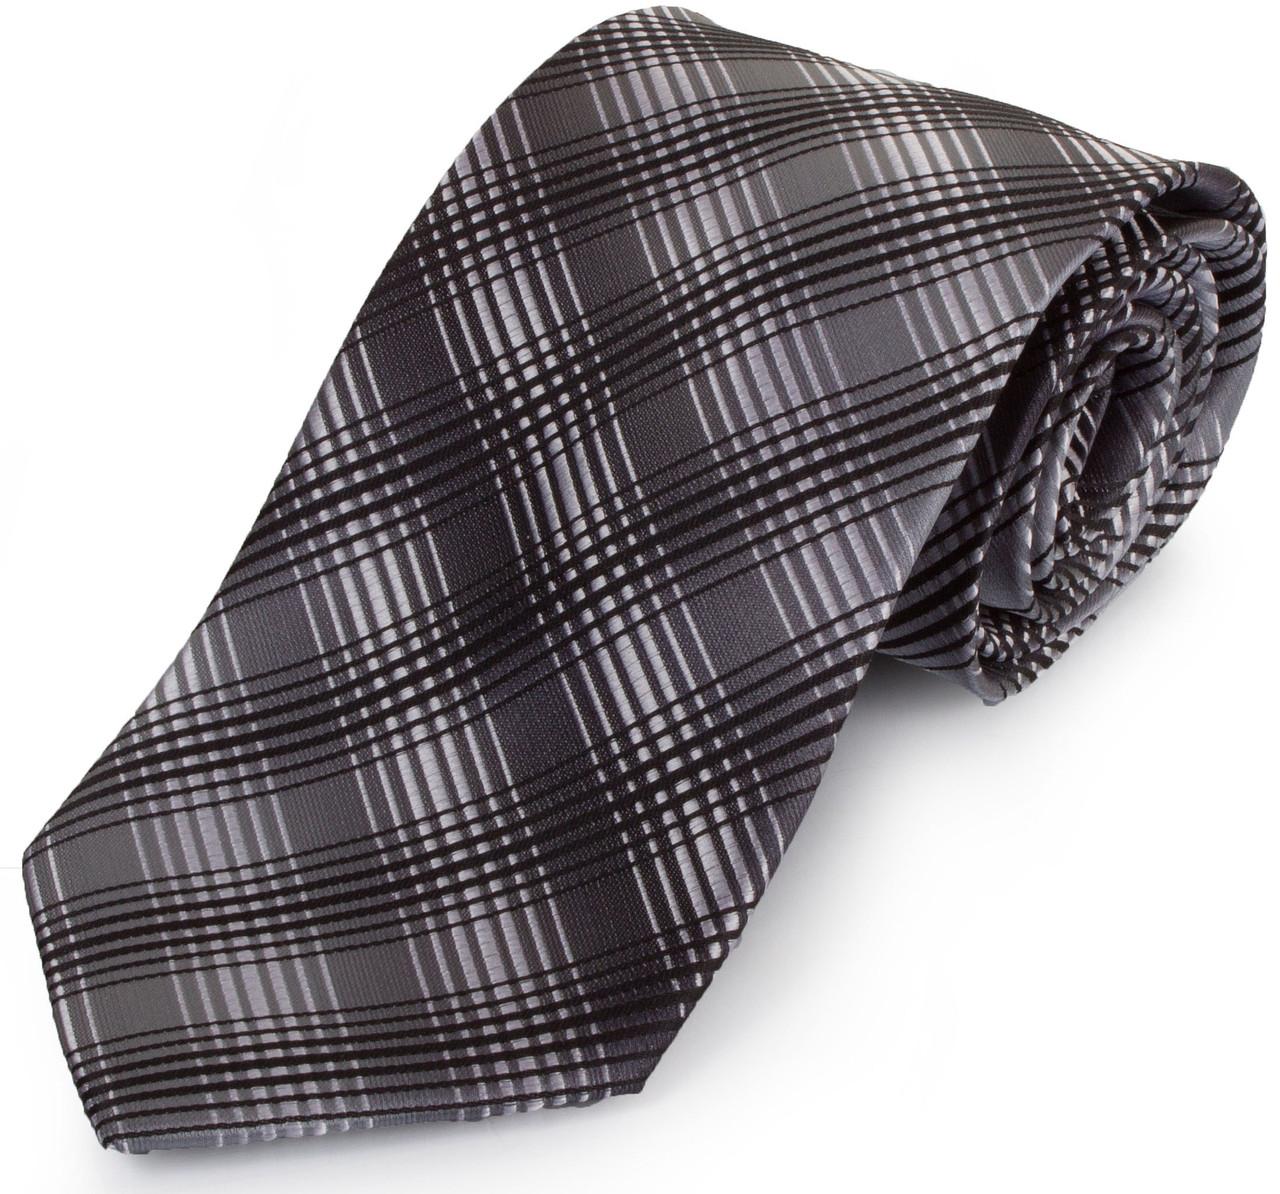 Актуальний чоловічий широкий галстук SCHONAU & HOUCKEN (ШЕНАУ & ХОЙКЕН) FAREPS-94 сірий